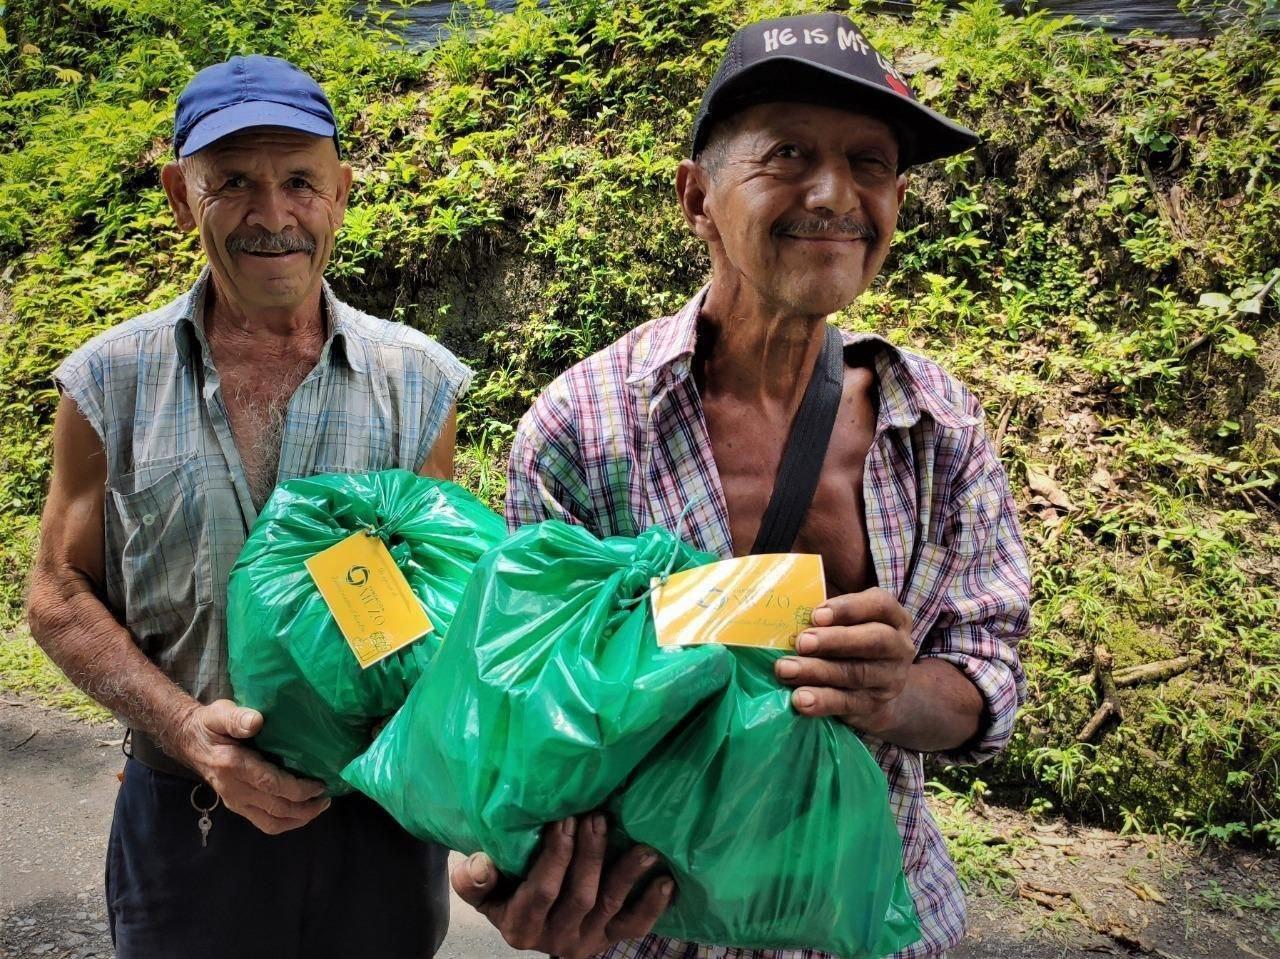 Las empresas mineras han apoyado a familias necesitadas de Boyacá durante esta pandemia, según Nariño Alcocer.